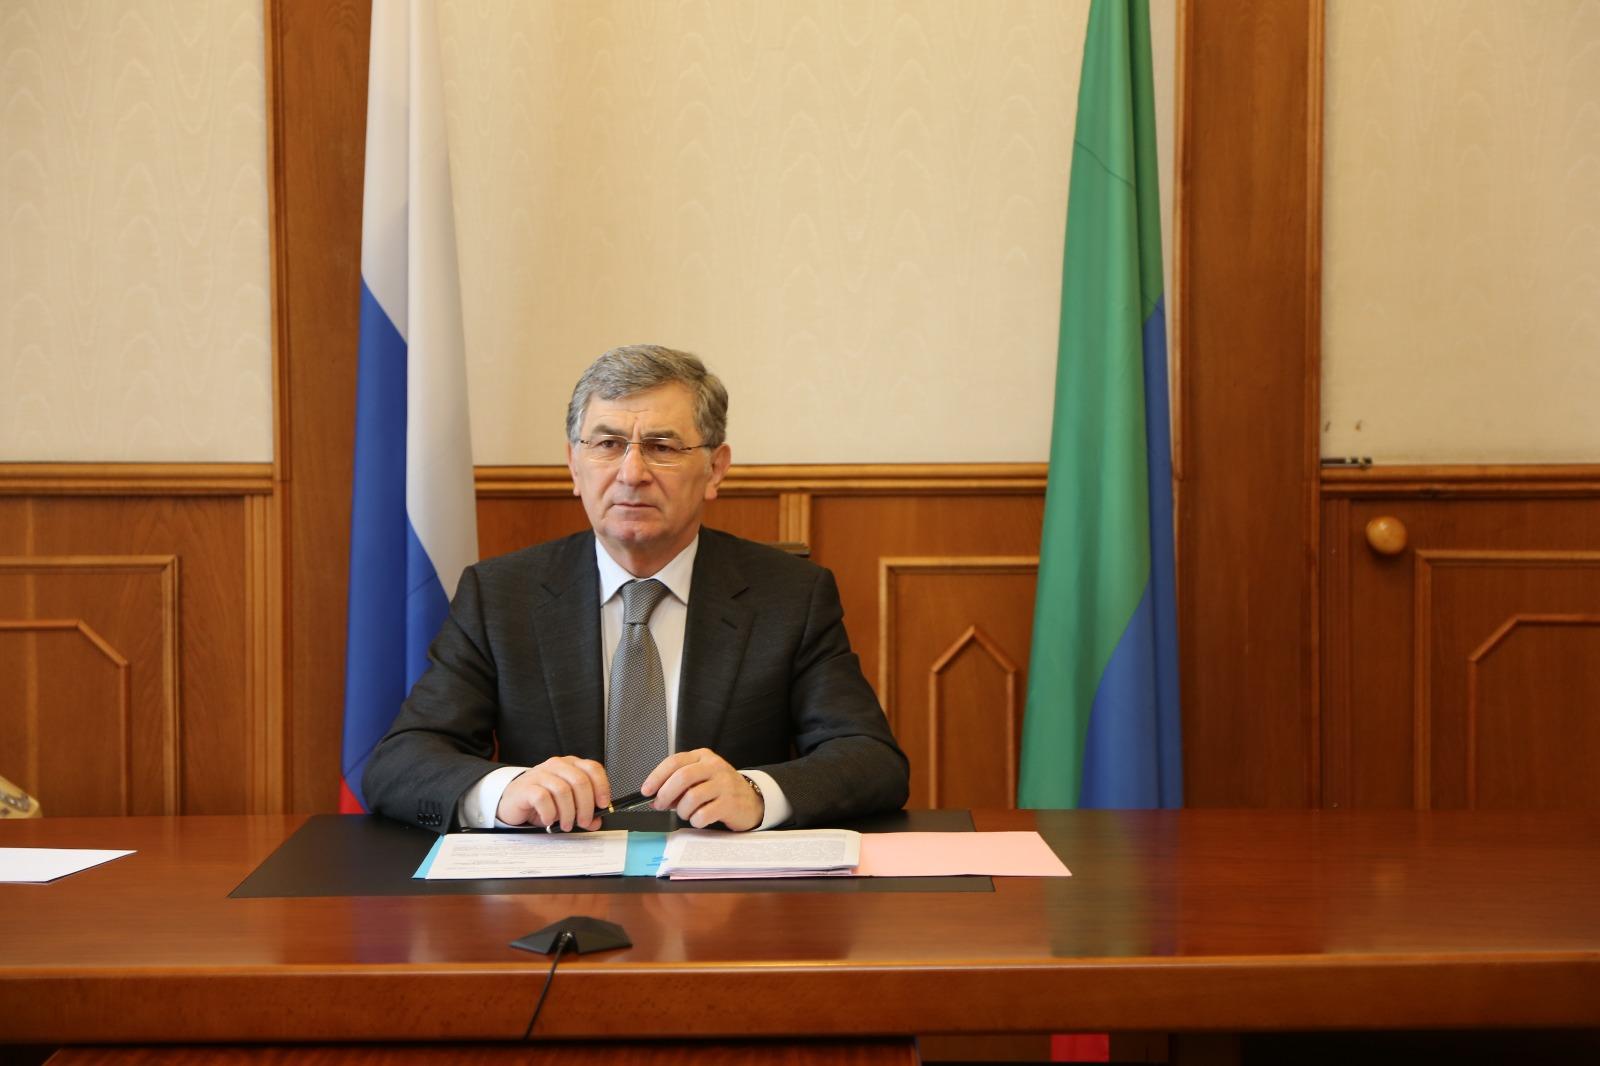 Гасан Идрисов выслушал граждан в режиме видеоконференцсвязи